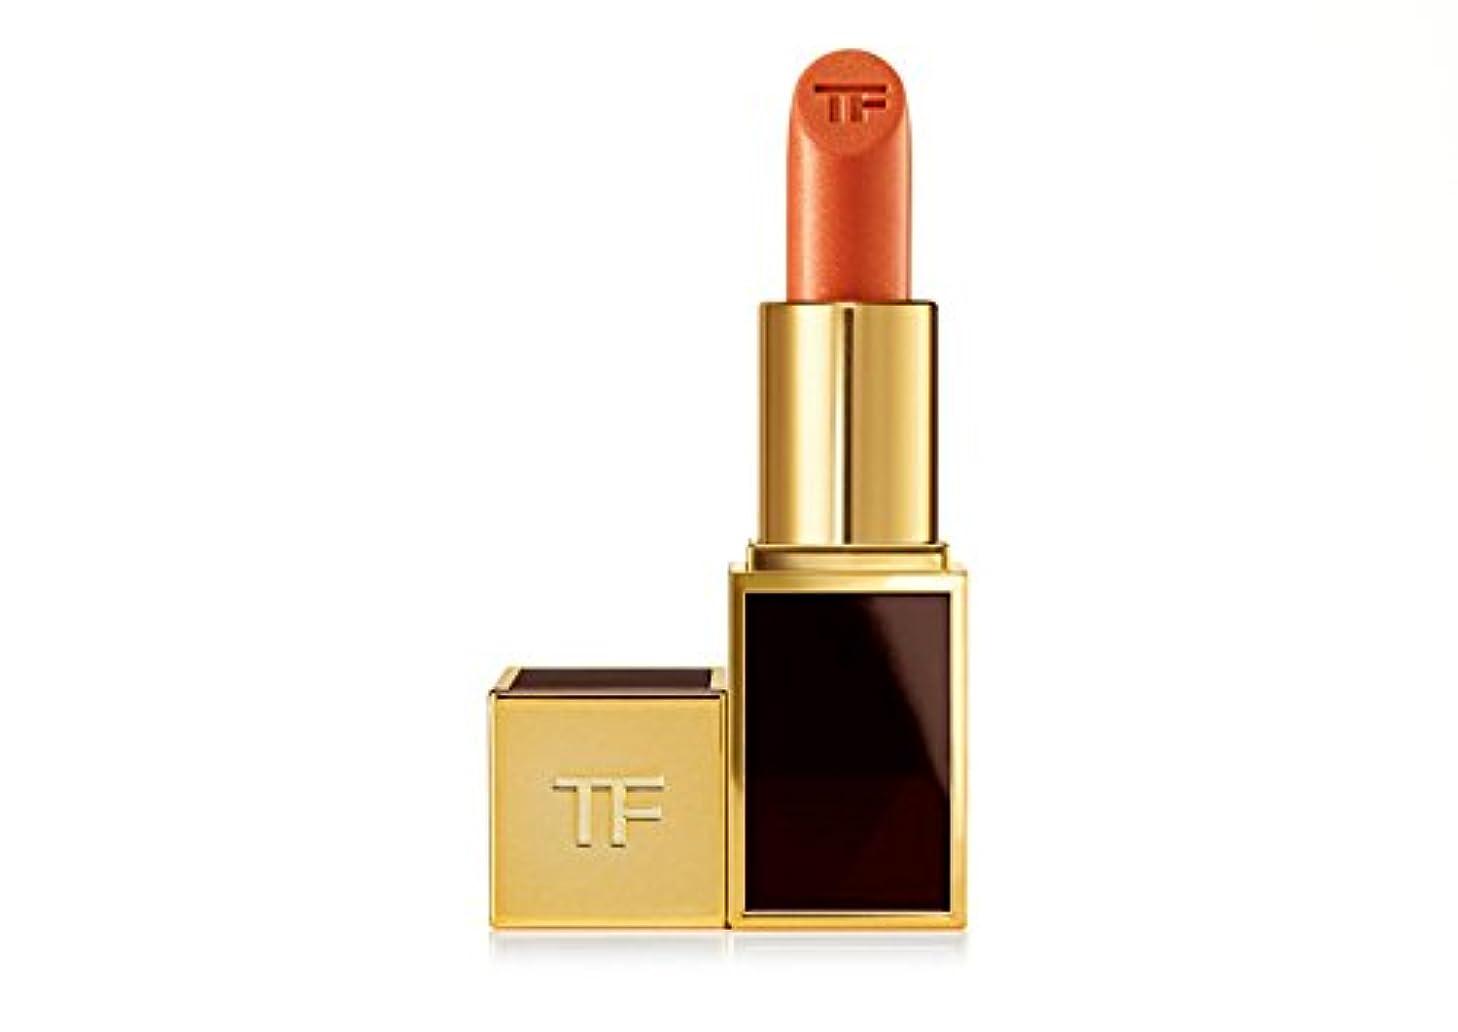 ハイライト闘争閉塞トムフォード リップス アンド ボーイズ 7 コーラル リップカラー 口紅 Tom Ford Lipstick 7 CORALS Lip Color Lips and Boys (#64 Hiro ヒロ) [並行輸入品]